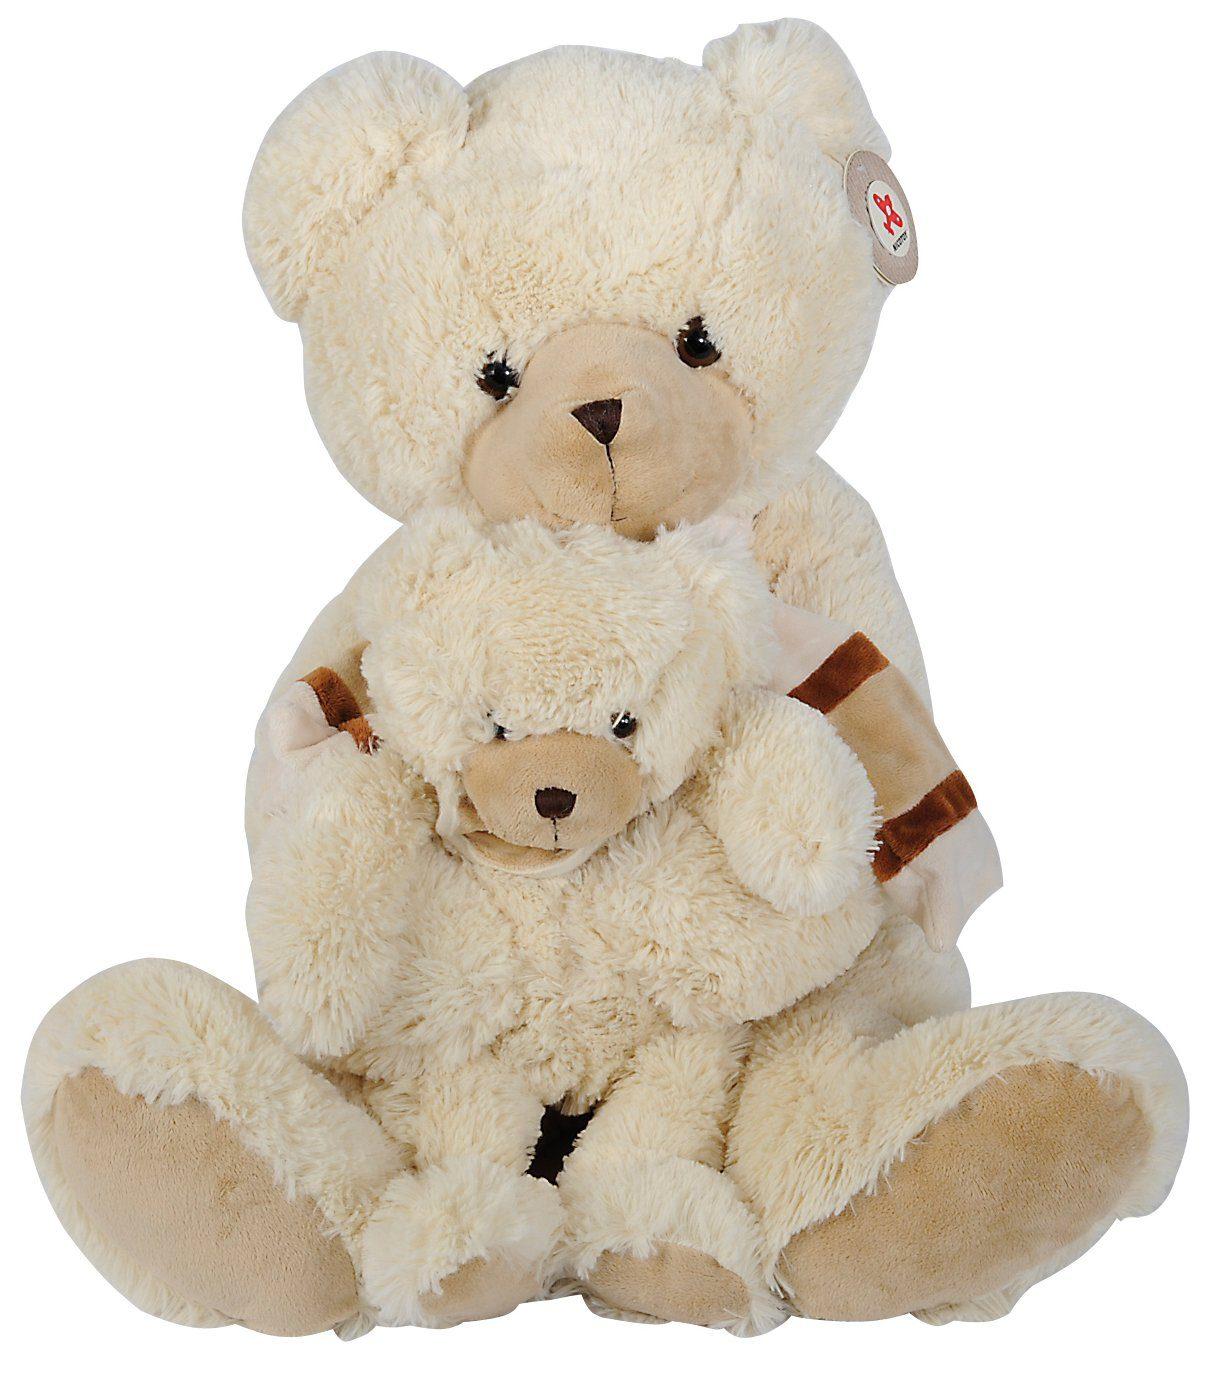 Nicotoy Plüschtier, »Bär mit Baby ca. 53 cm«